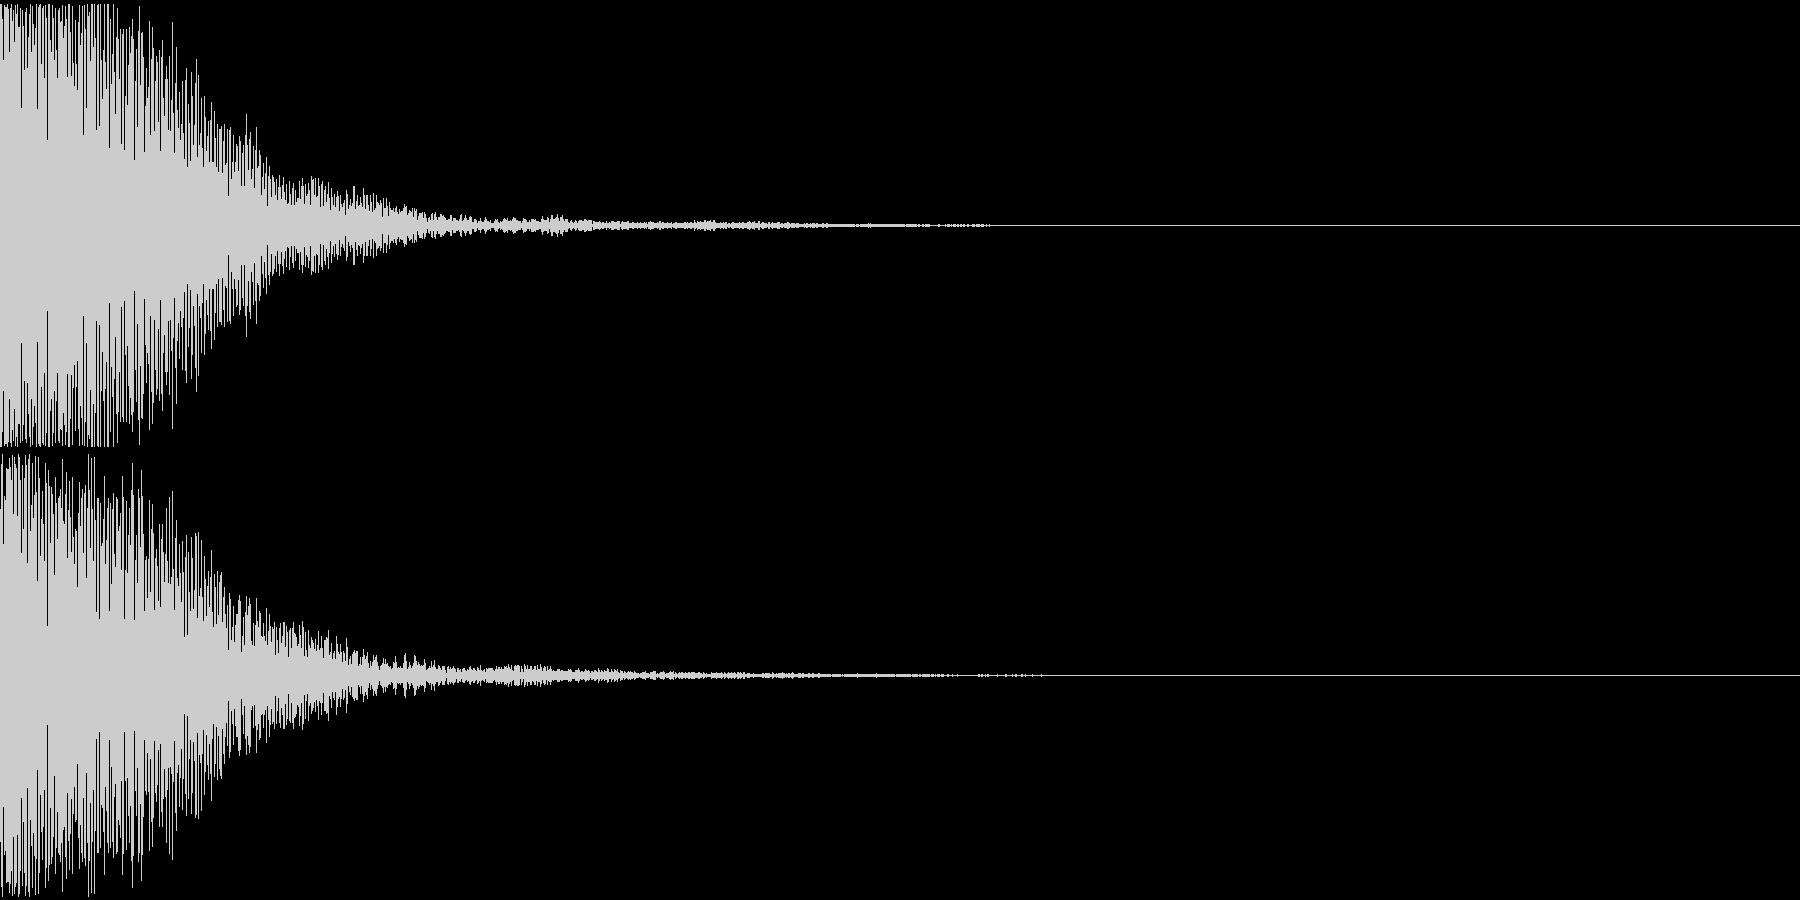 キャンセル音01(トゥン)の未再生の波形